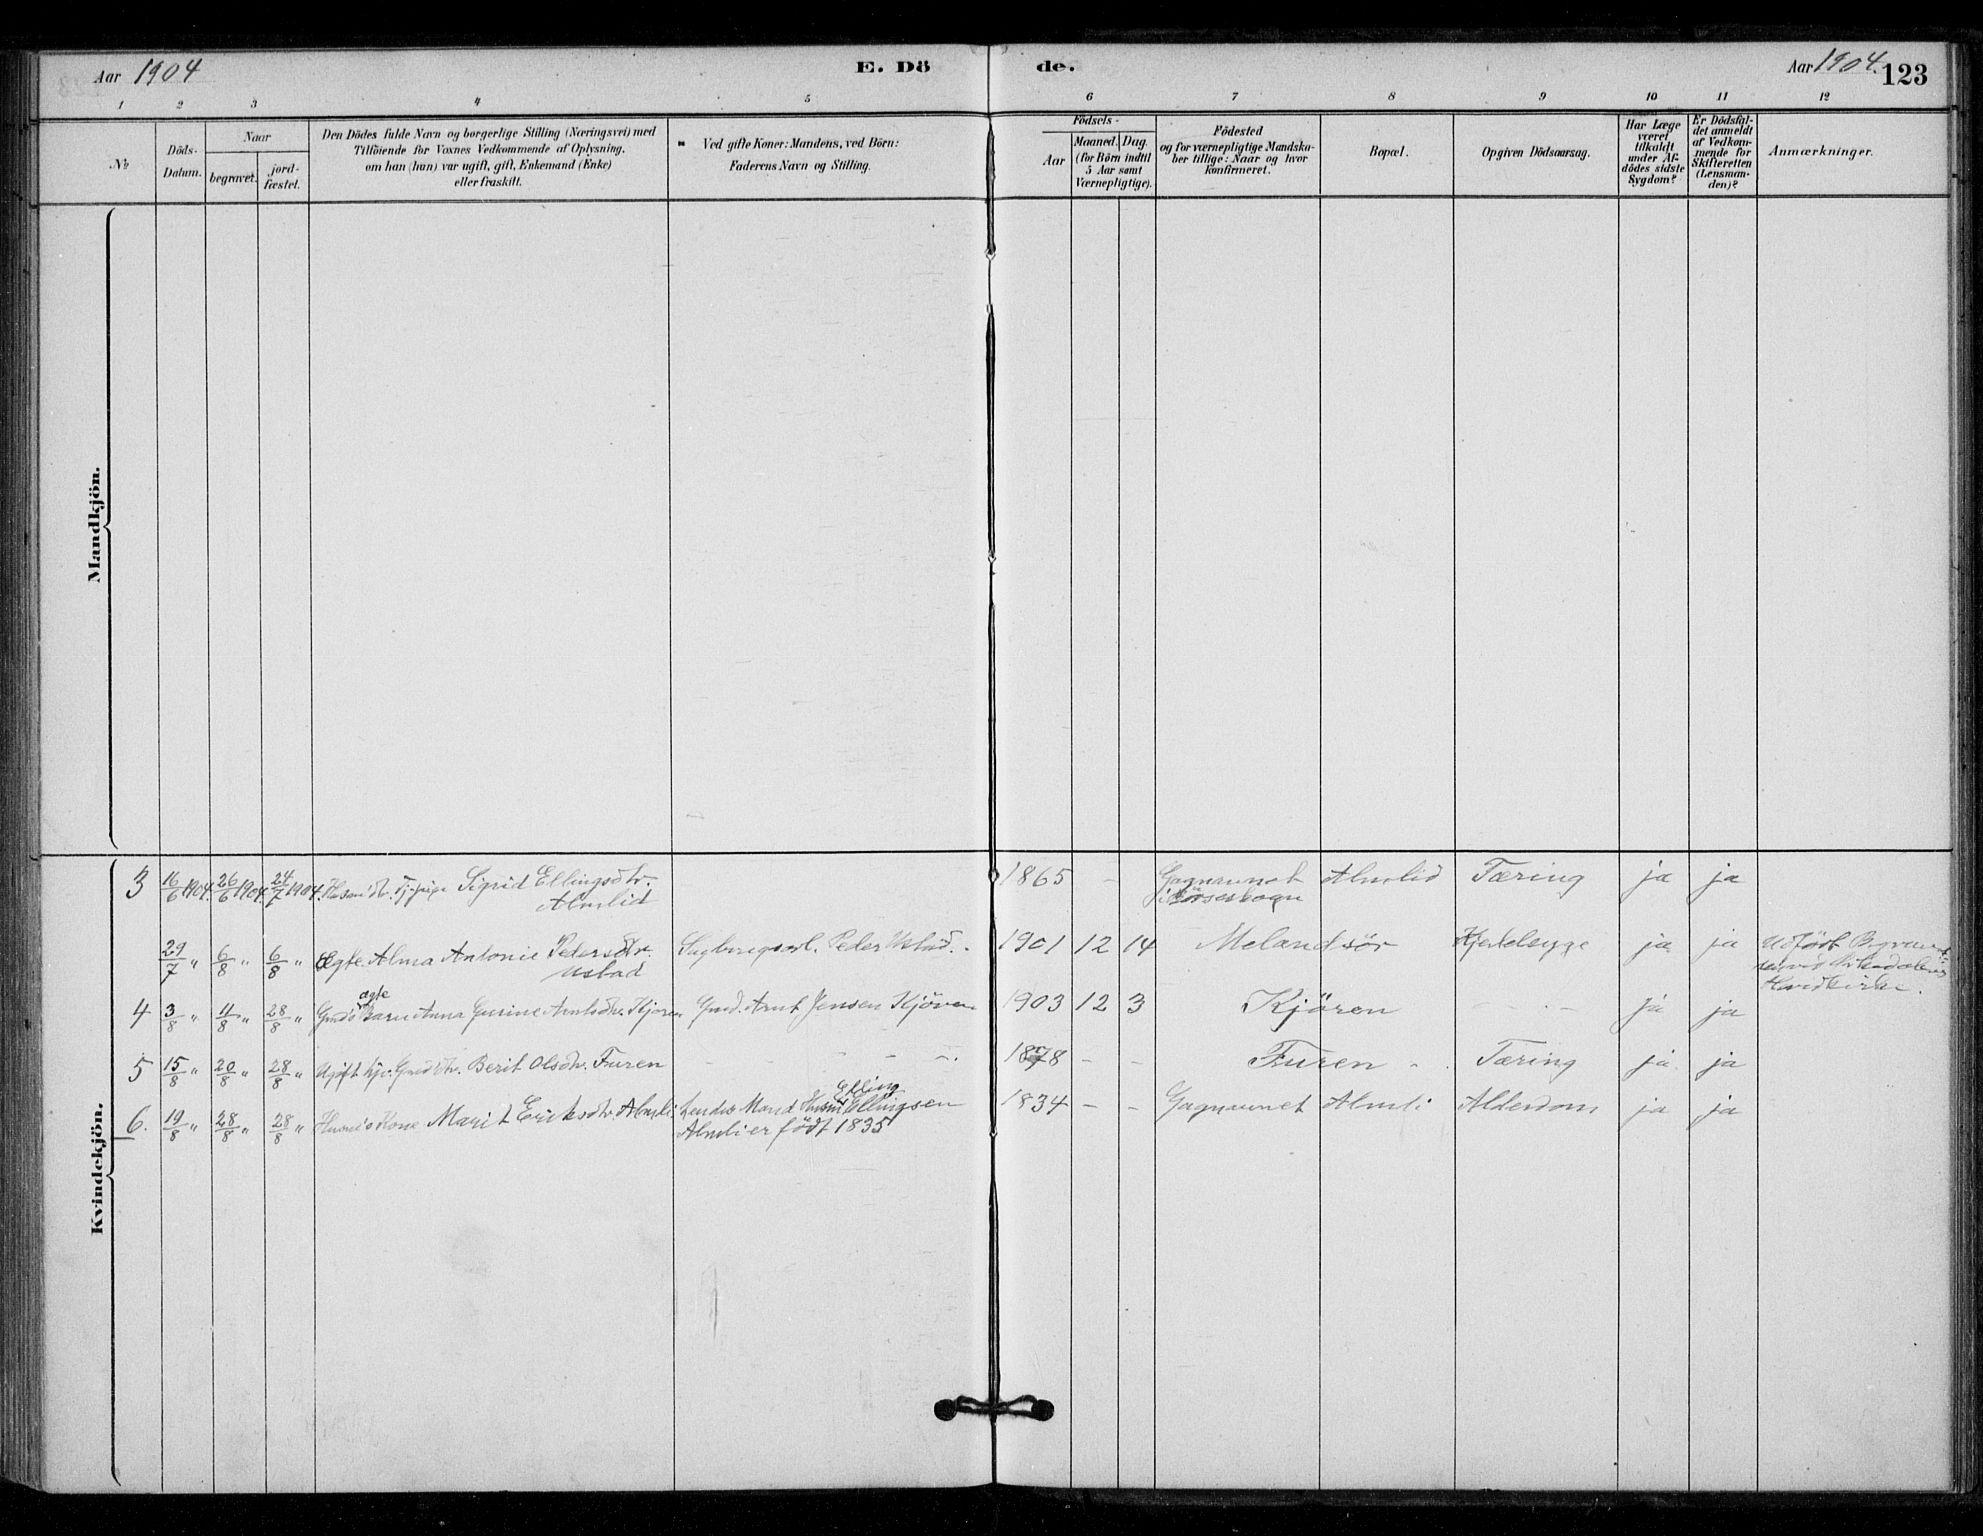 SAT, Ministerialprotokoller, klokkerbøker og fødselsregistre - Sør-Trøndelag, 670/L0836: Ministerialbok nr. 670A01, 1879-1904, s. 123